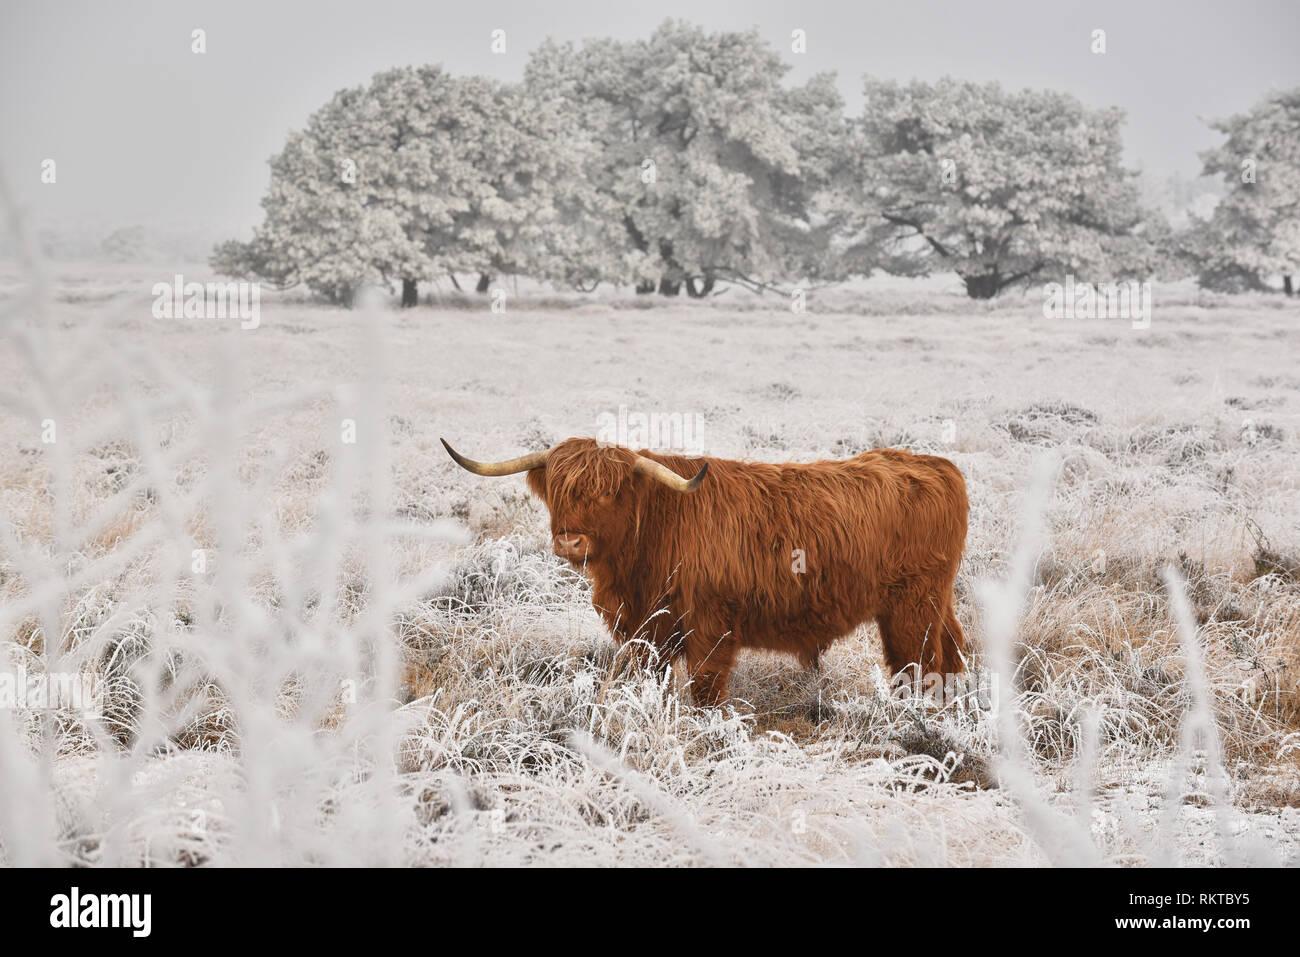 Scottish highlander in a natural winter landscape. - Stock Image